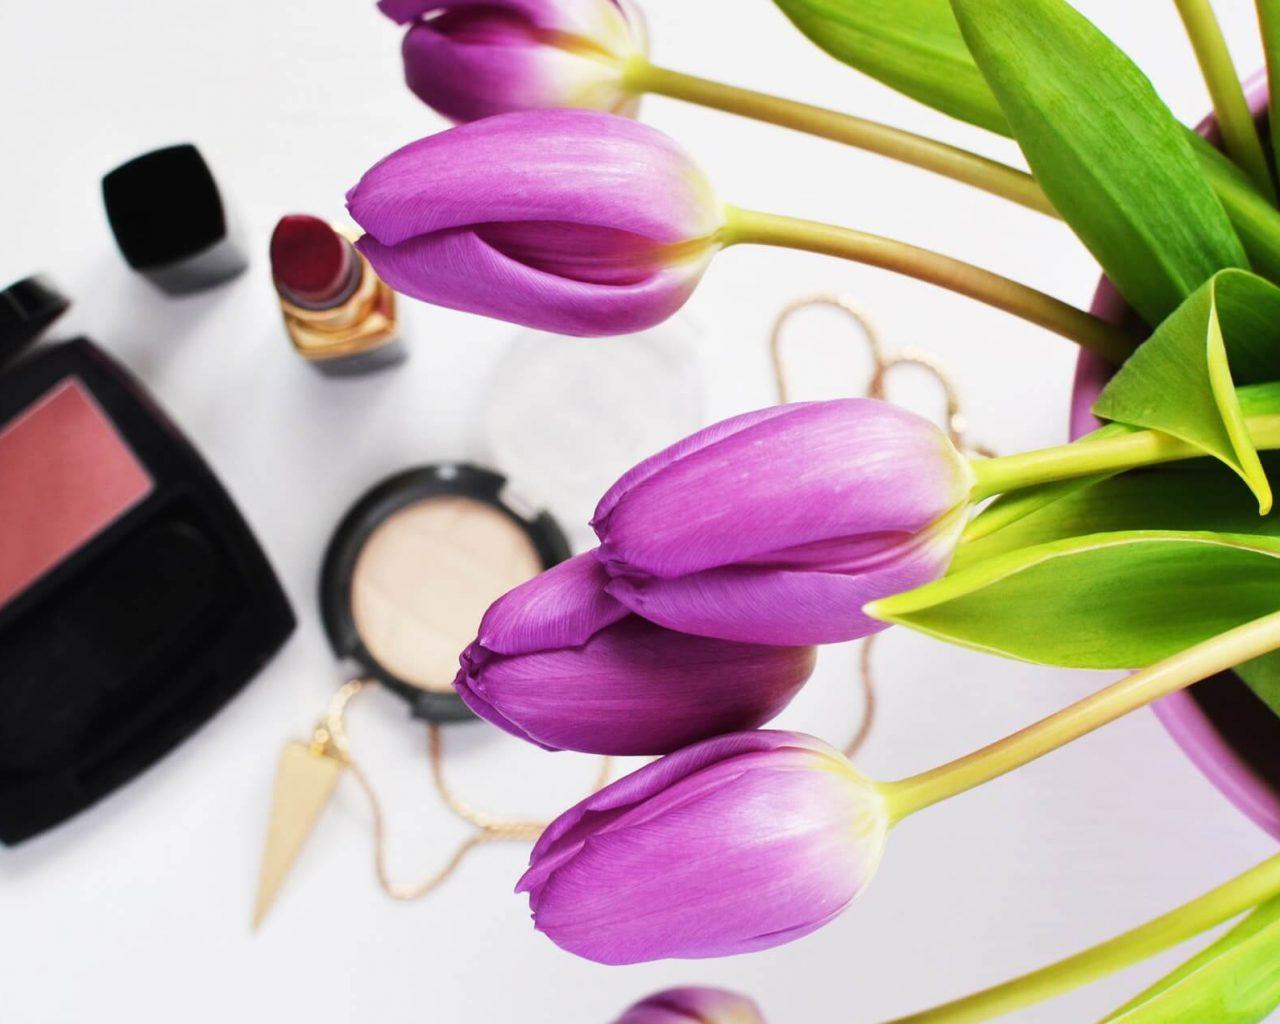 tulipanes color violeta al lado de productos de maquillaje para ilustrar cuando caduca el maquillaje